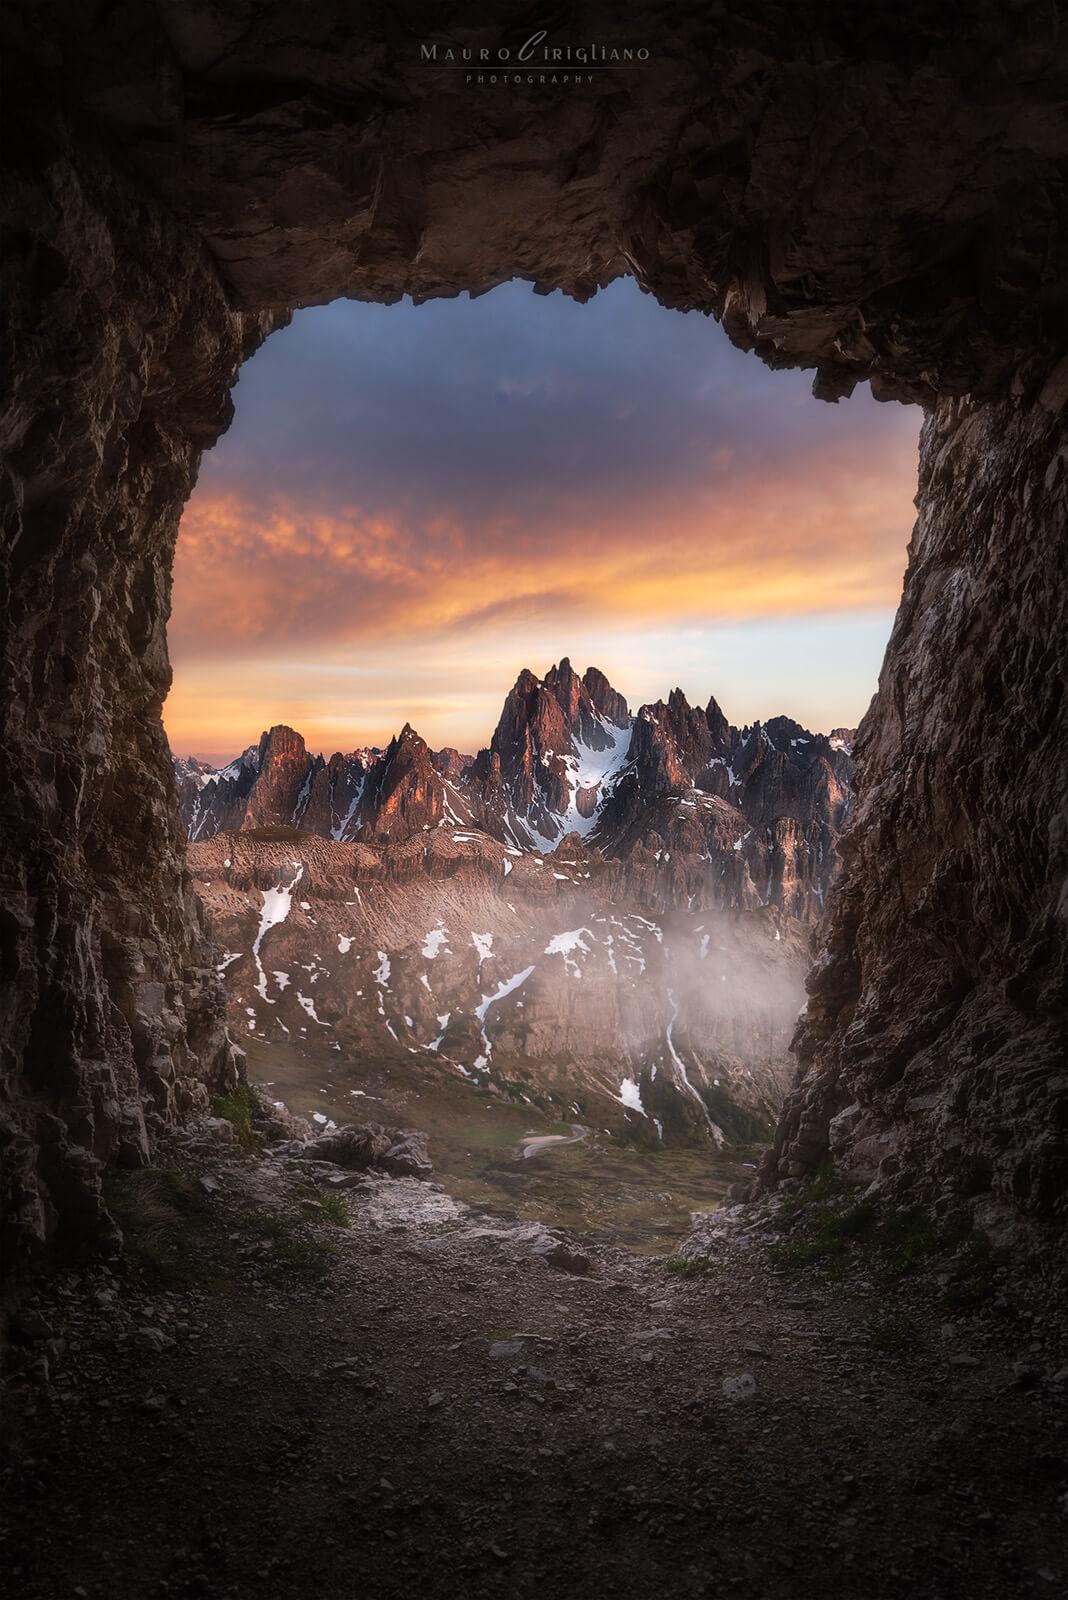 cadini di misurina visti da una grotta al tramonto